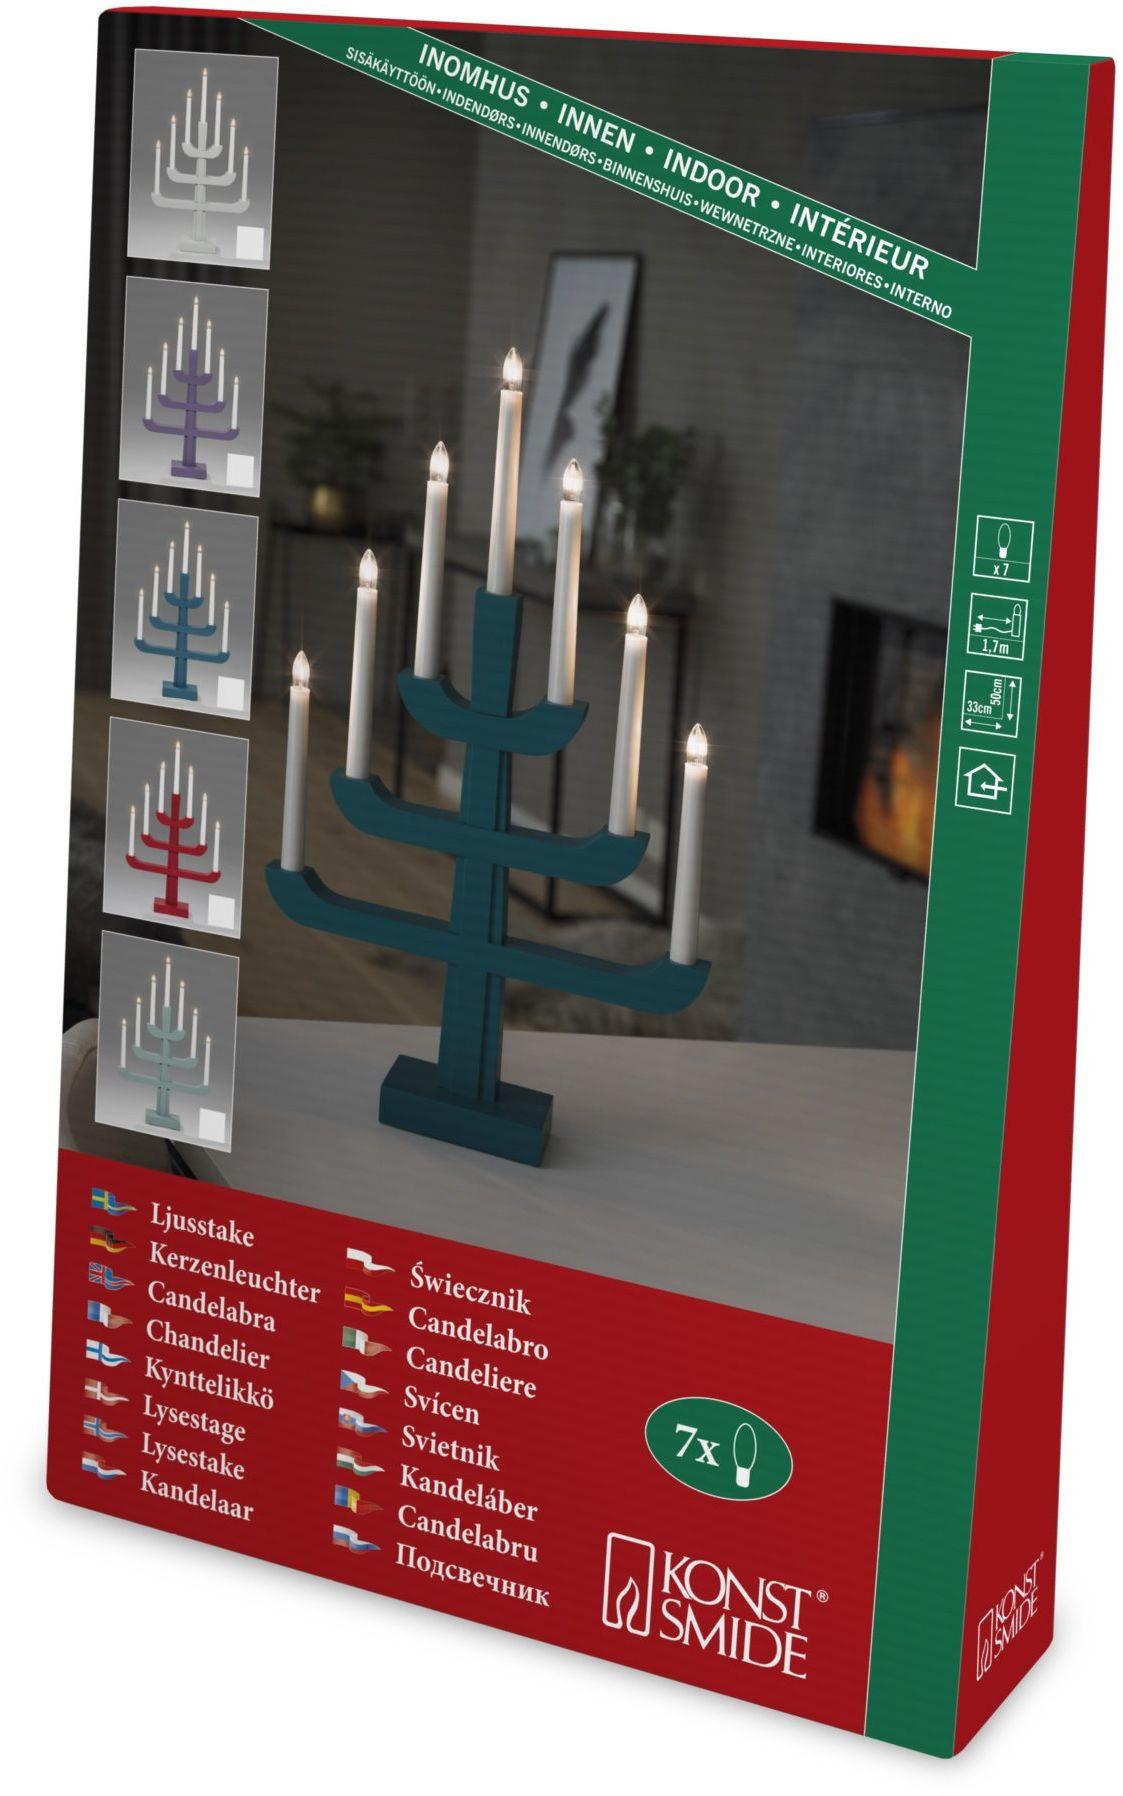 Konstsmide 3586-510 drewniany świecznik, lakierowany na czerwono/do wnętrz (IP20) / 7 przezroczystych żarówek / 230 V wewnątrz/biały kabel